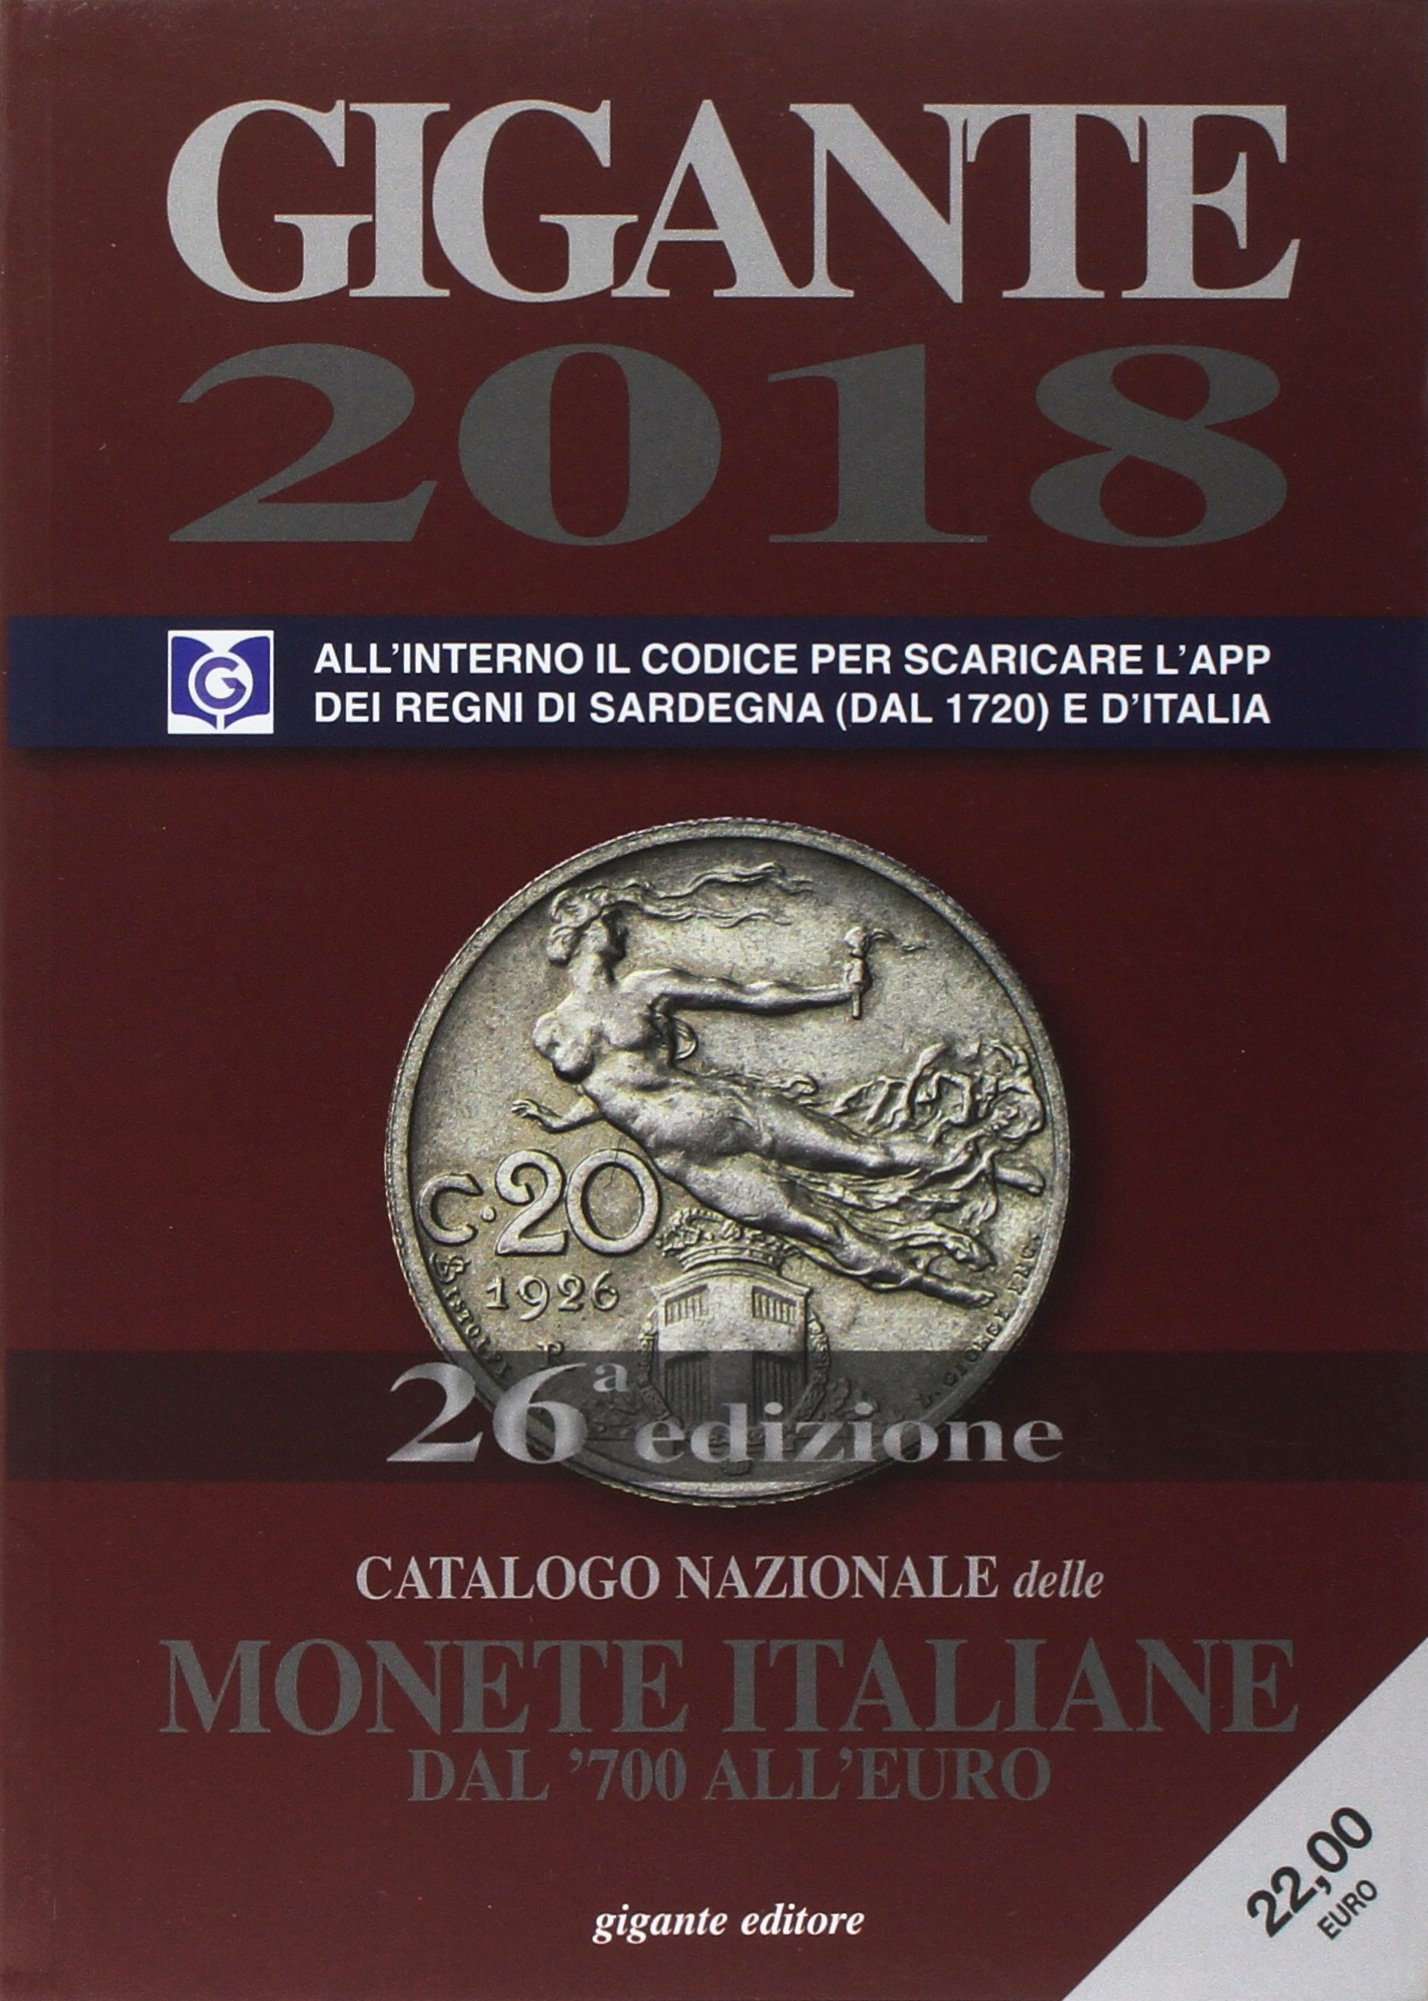 c20c80f380 Amazon.it: Gigante 2018. Catalogo nazionale delle monete italiane ...